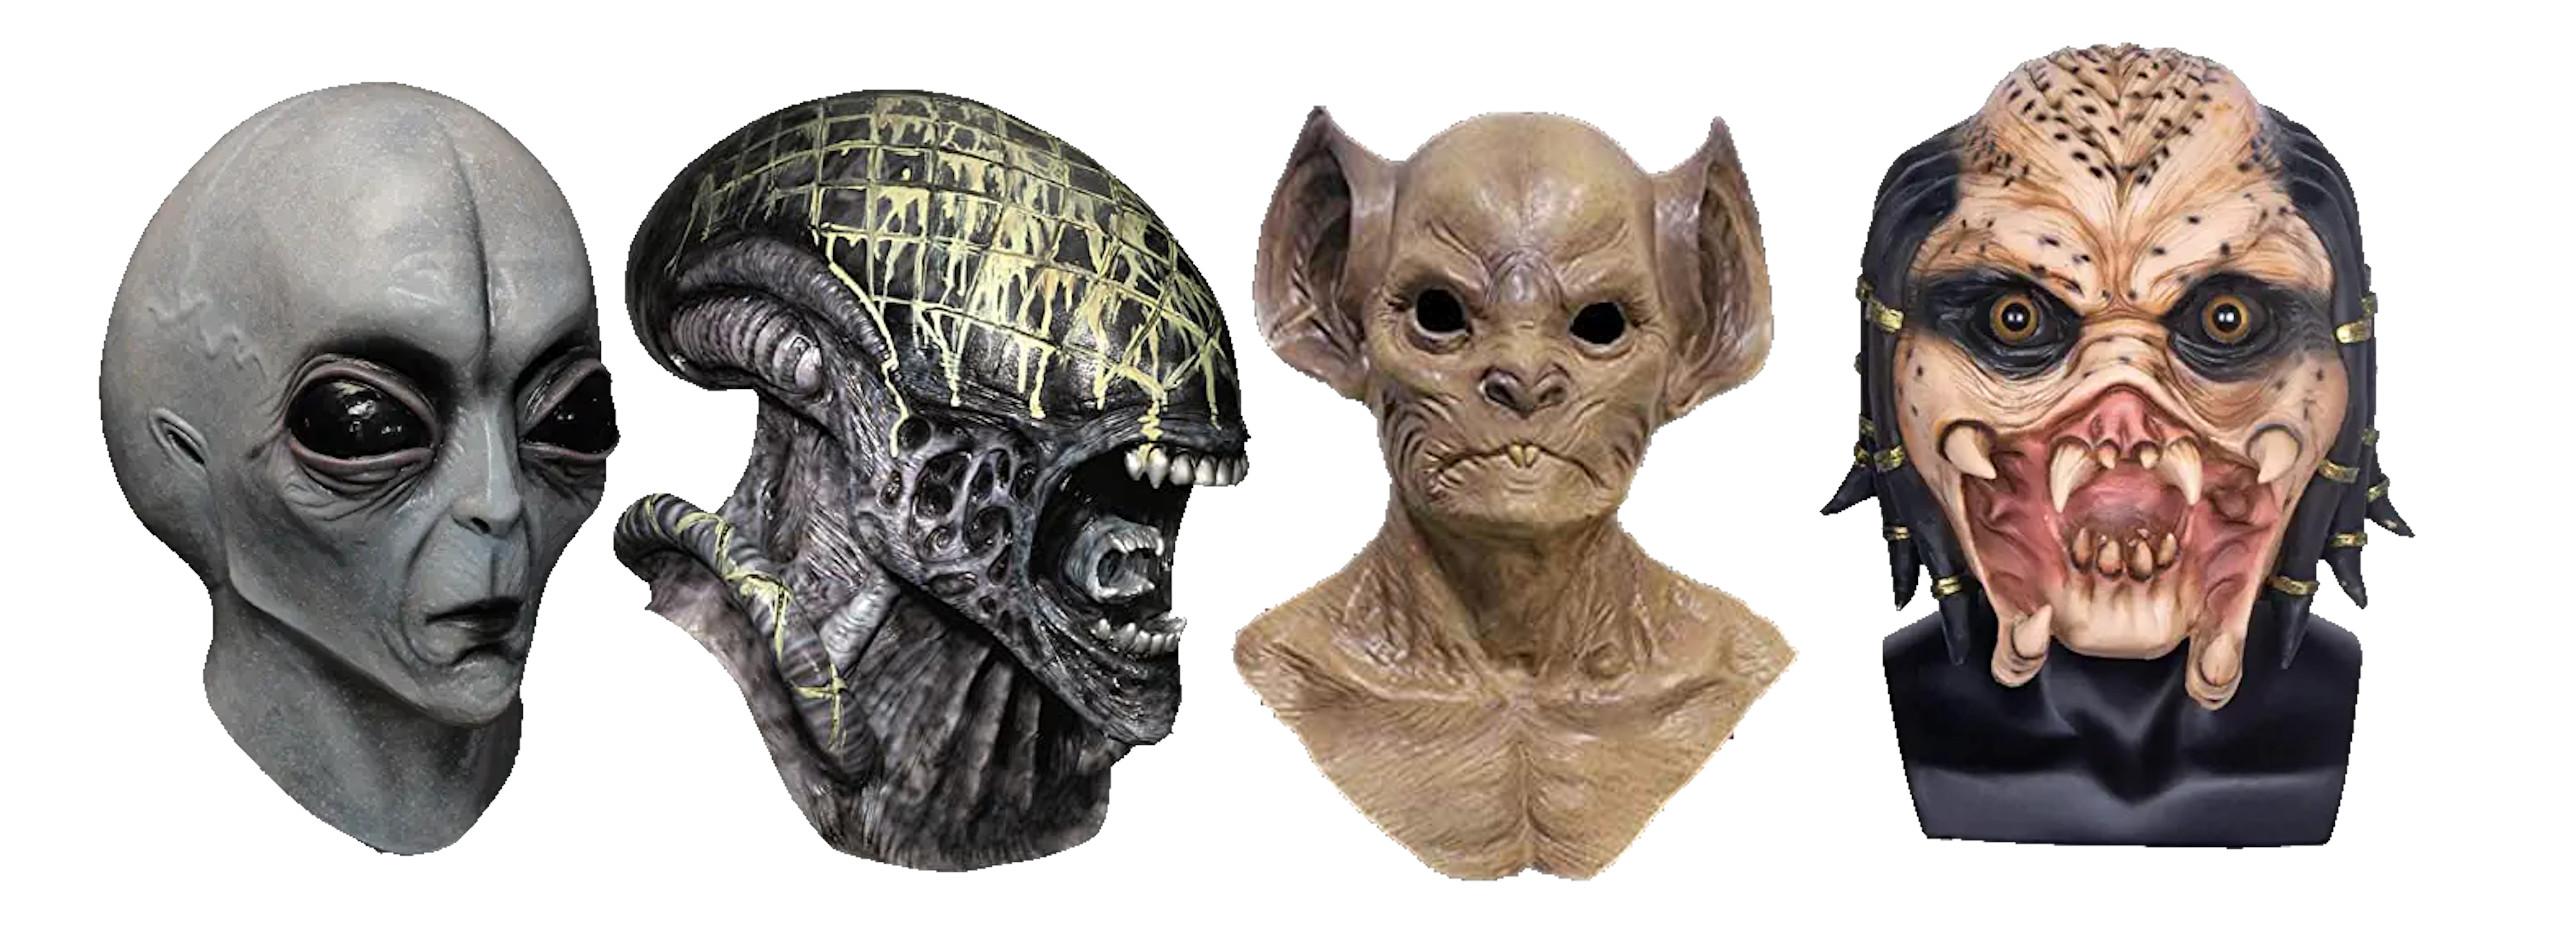 máscaras de aliens, máscaras de marcianos, máscaras de extraterrestres, máscaras de alienígenas